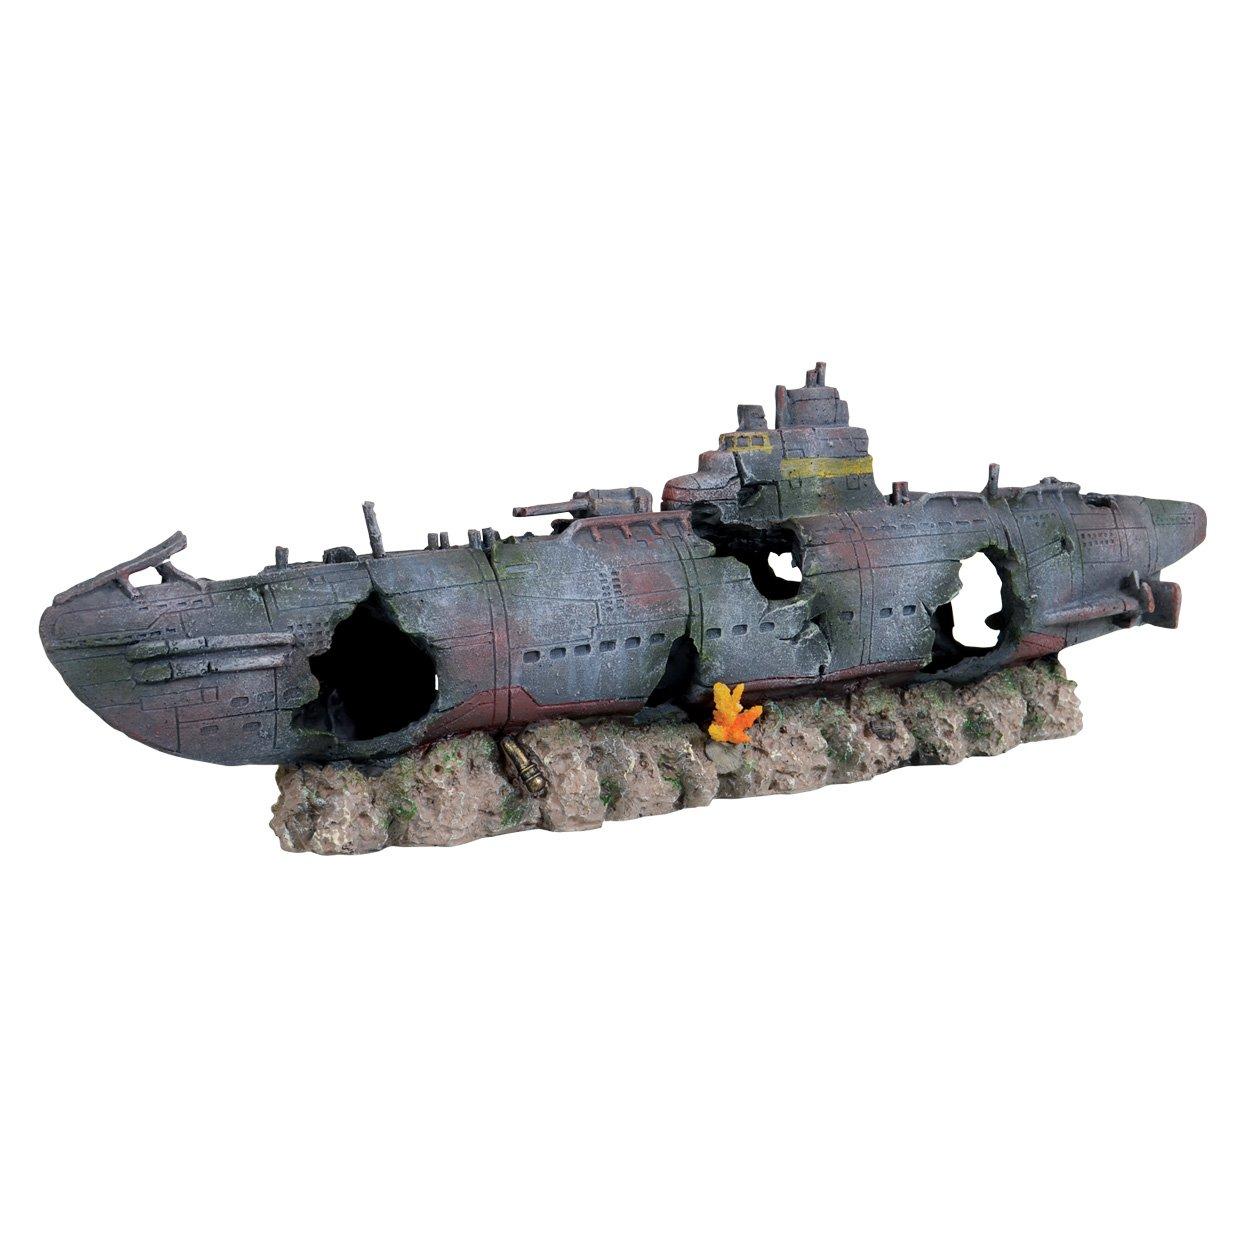 Underwater Treasures Atlantic Sunken Submarine by Underwater Treasures